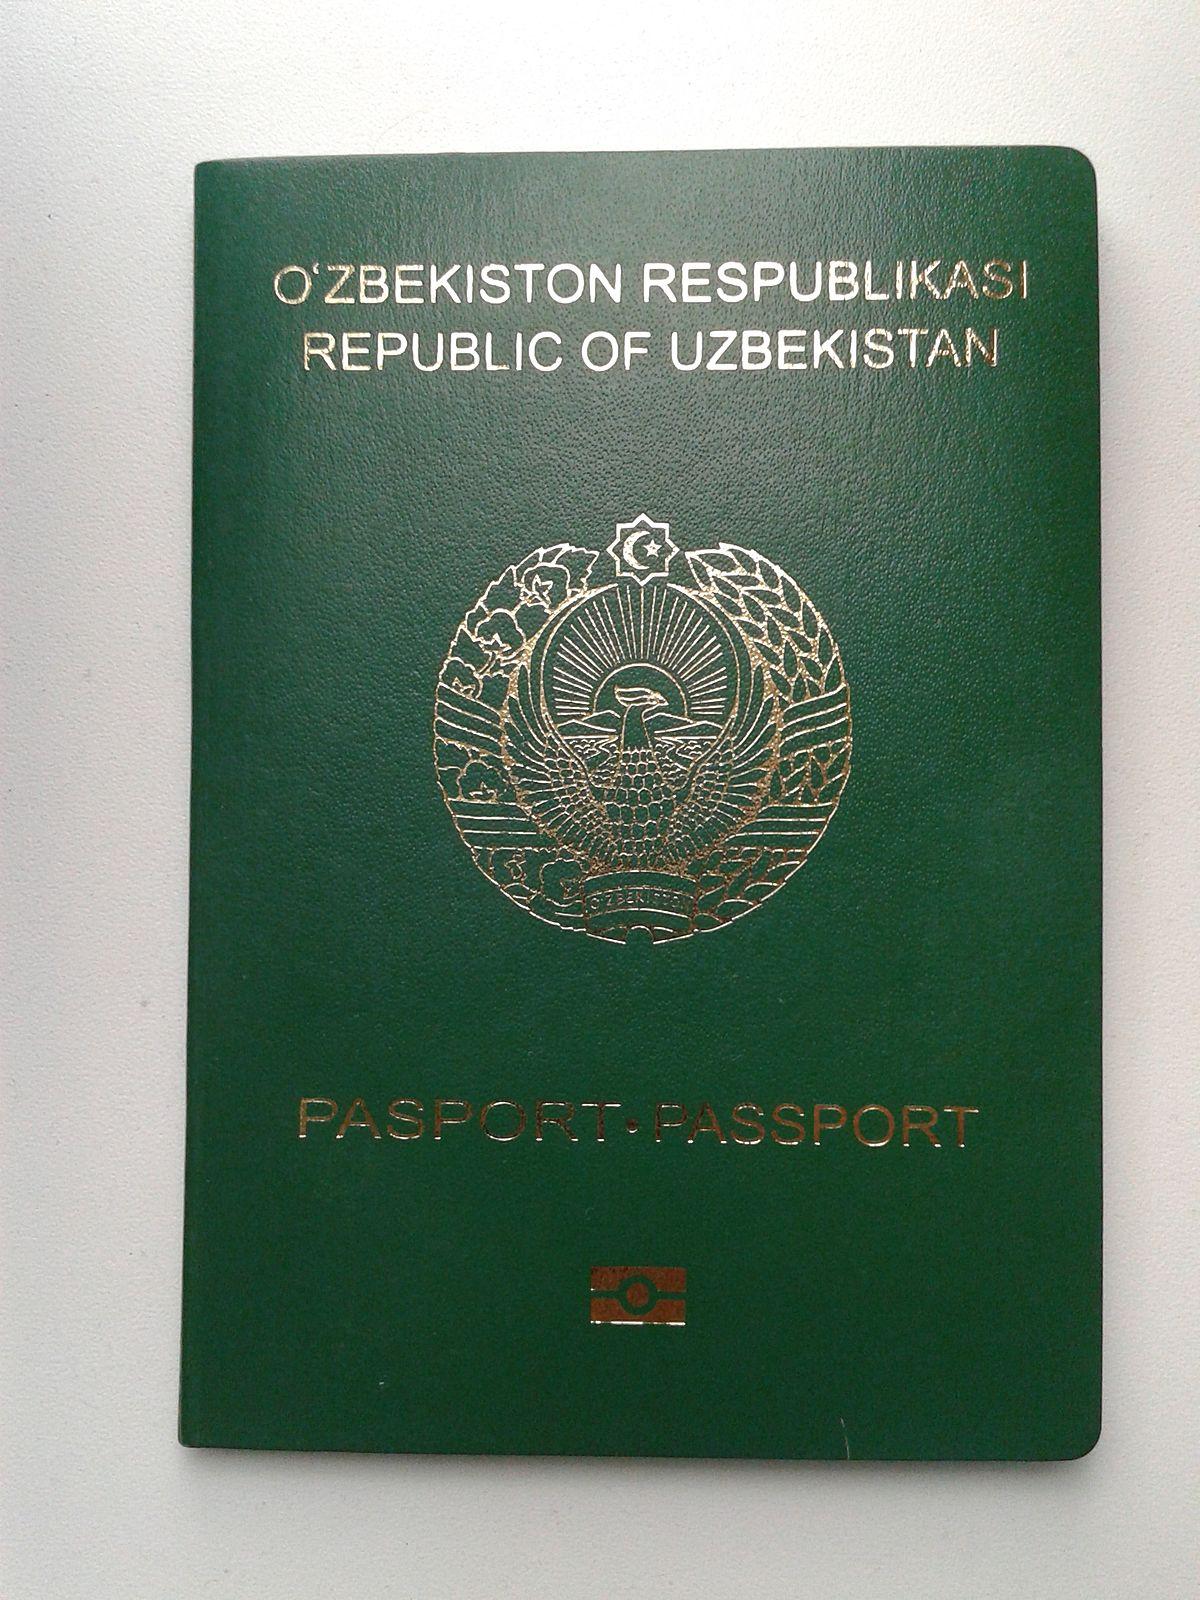 Паспорта узбекистана картинки